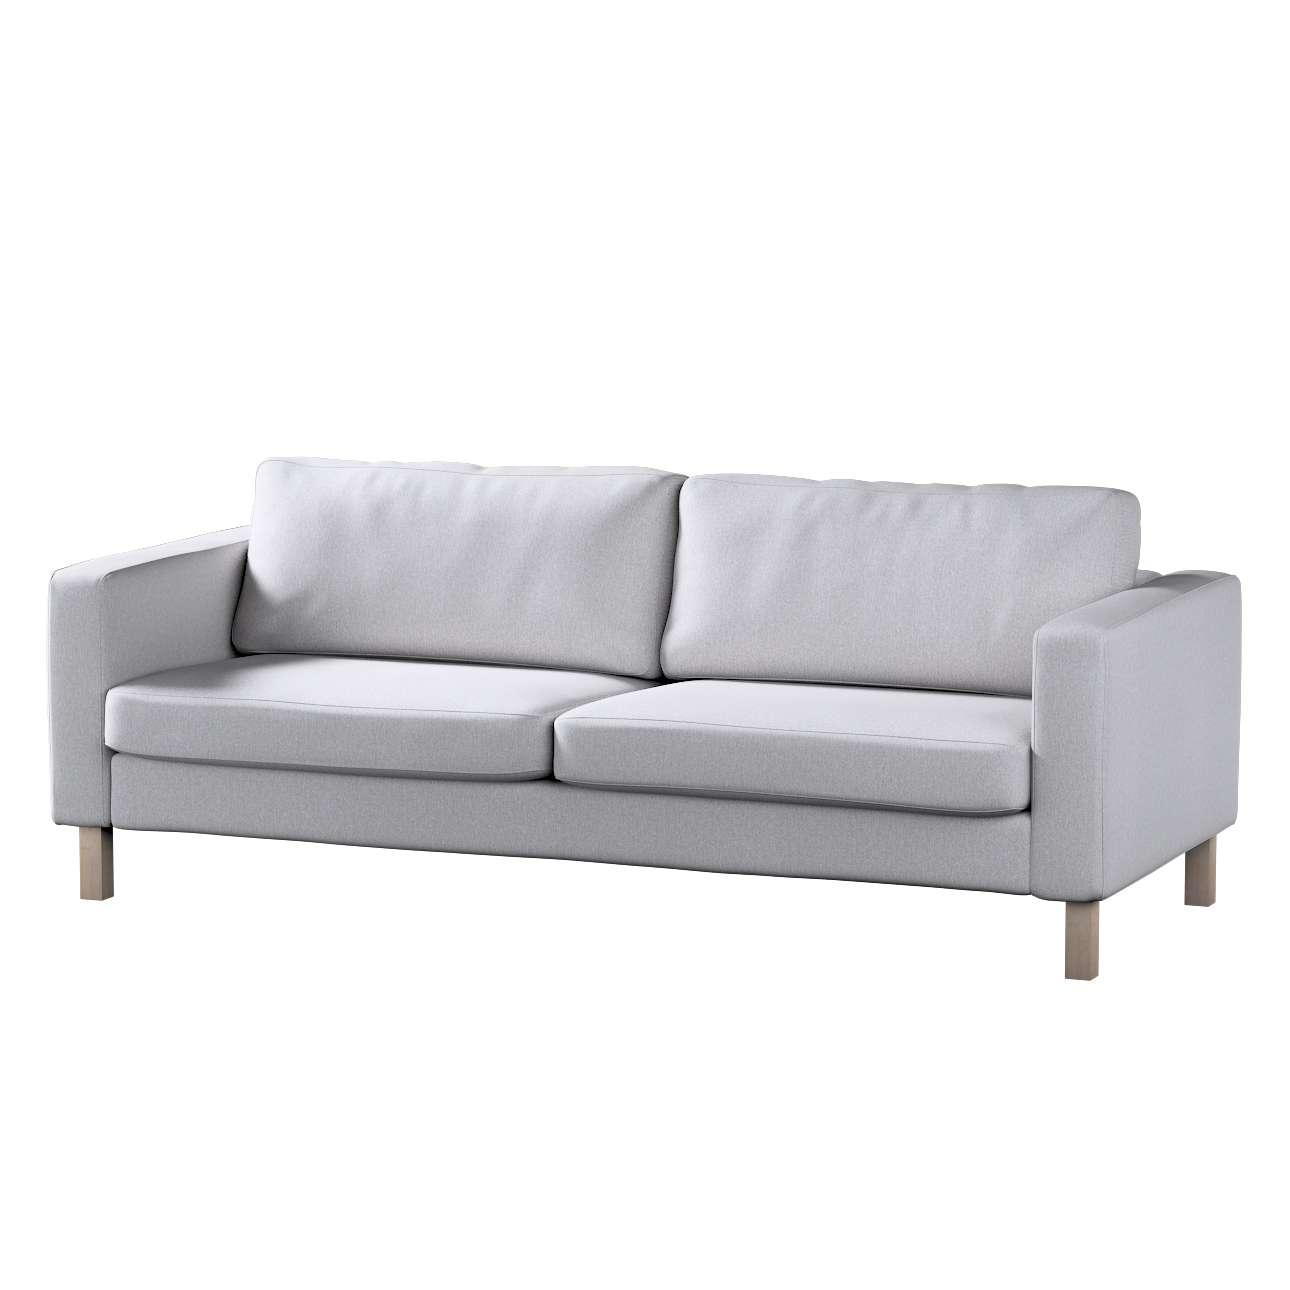 Pokrowiec na sofę Karlstad 3-osobową nierozkładaną, krótki w kolekcji Amsterdam, tkanina: 704-45